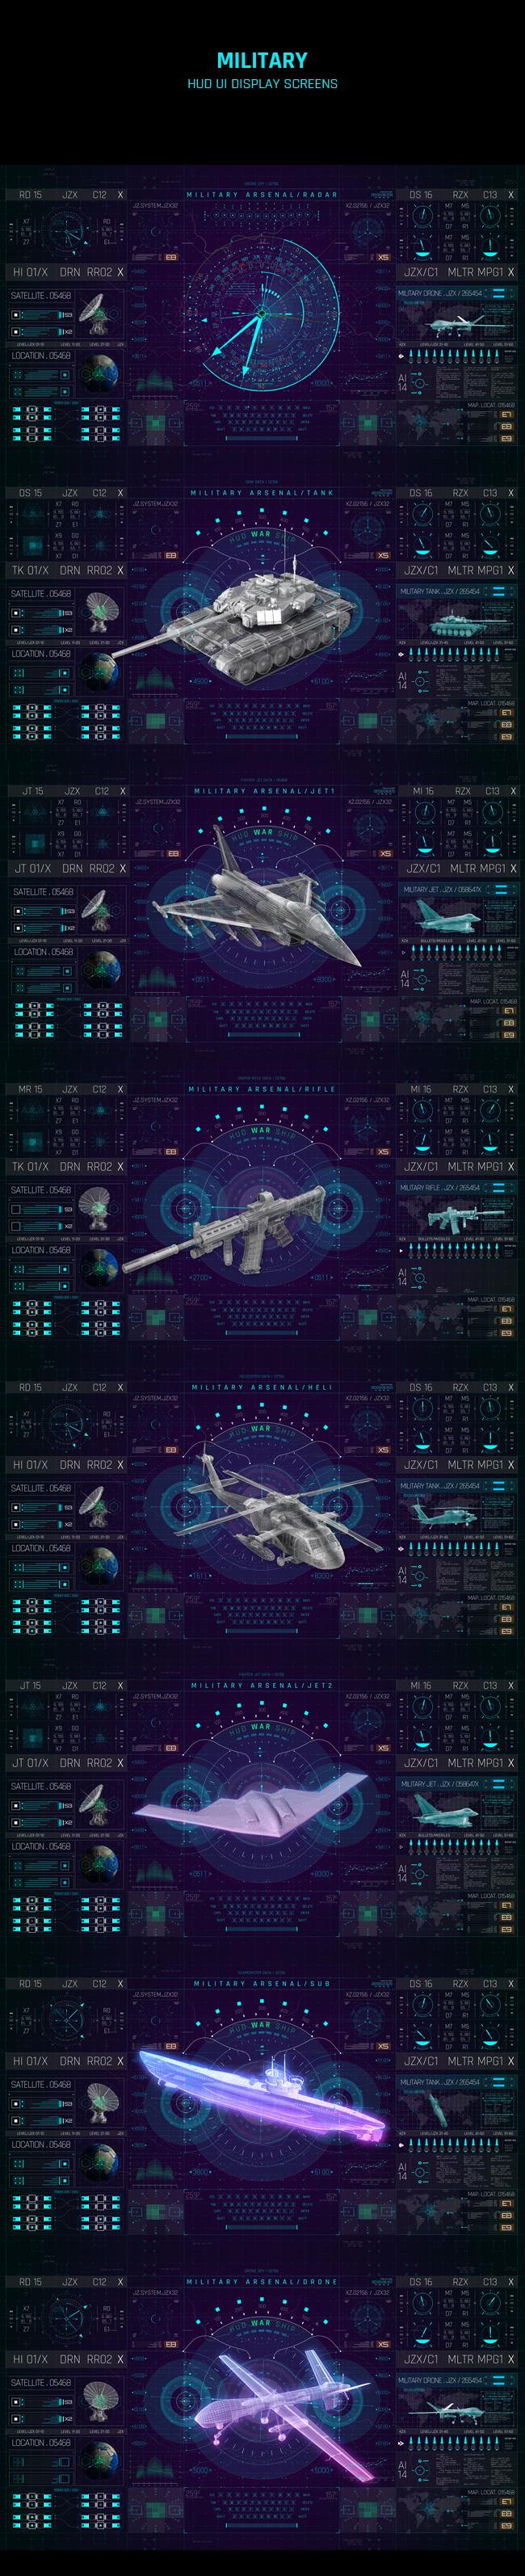 cat4_ Military